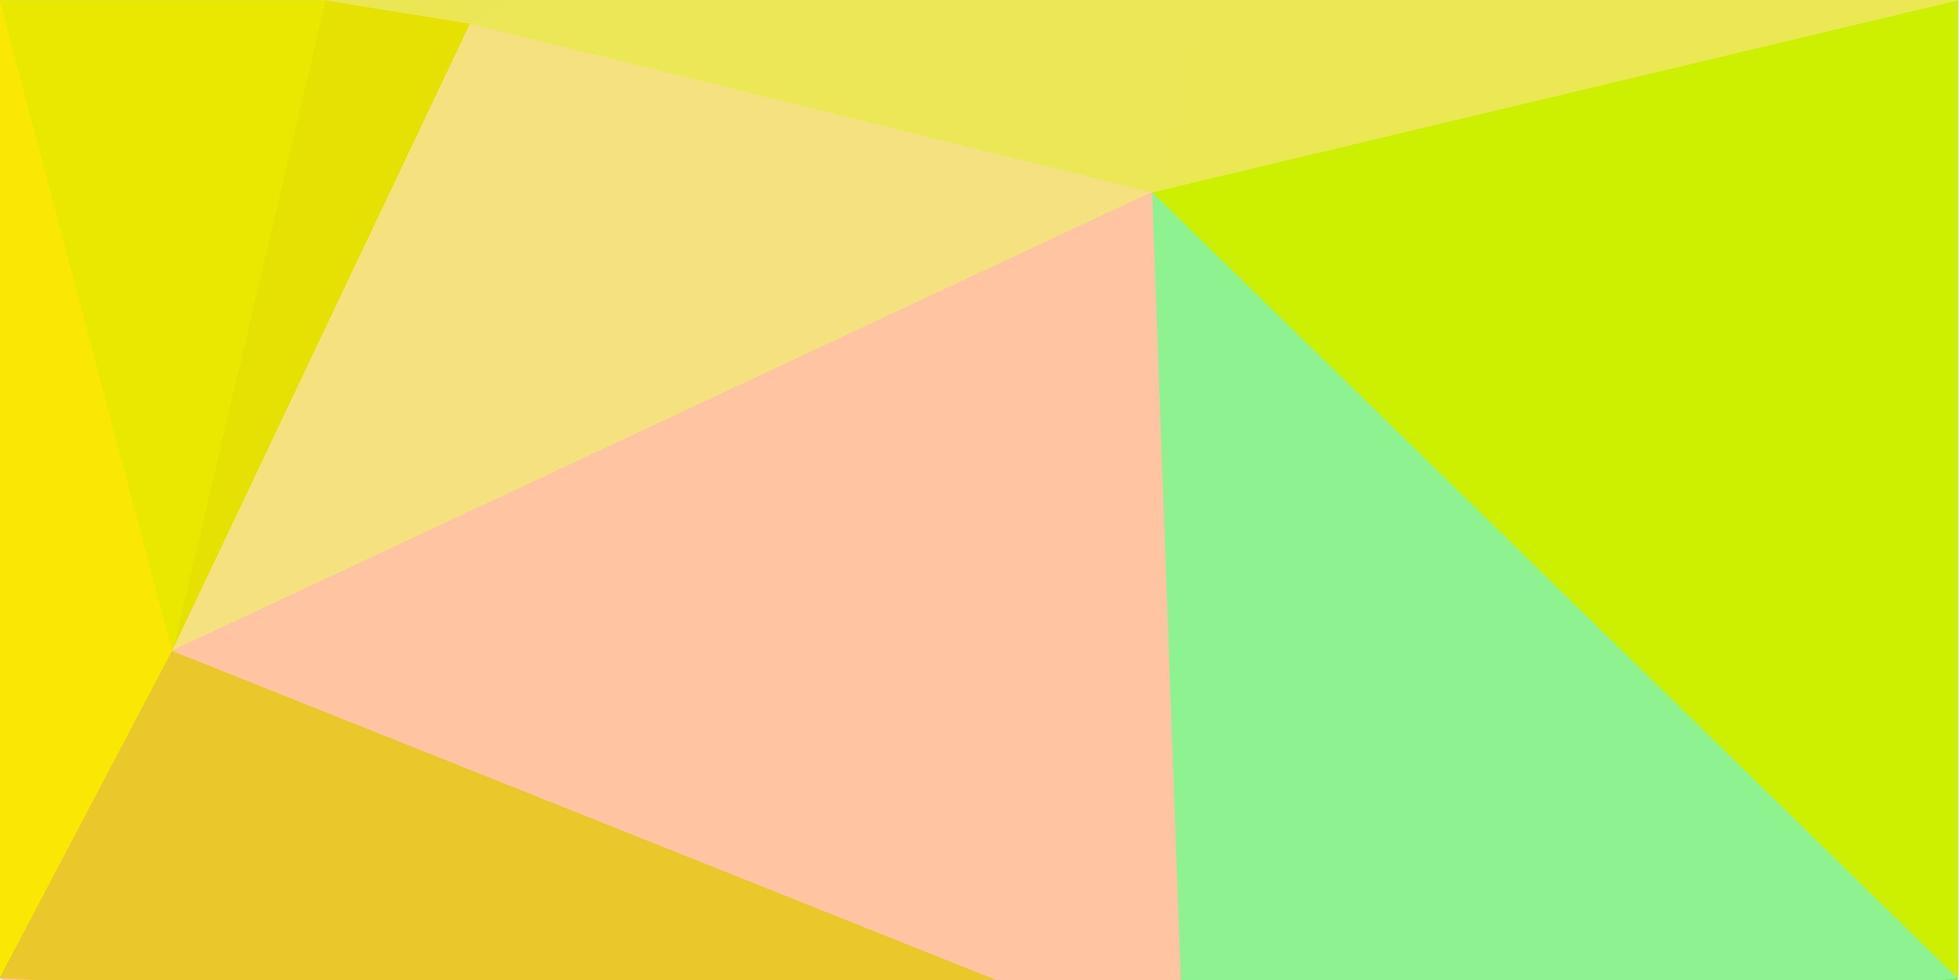 fundo poligonal do vetor verde-claro e vermelho.